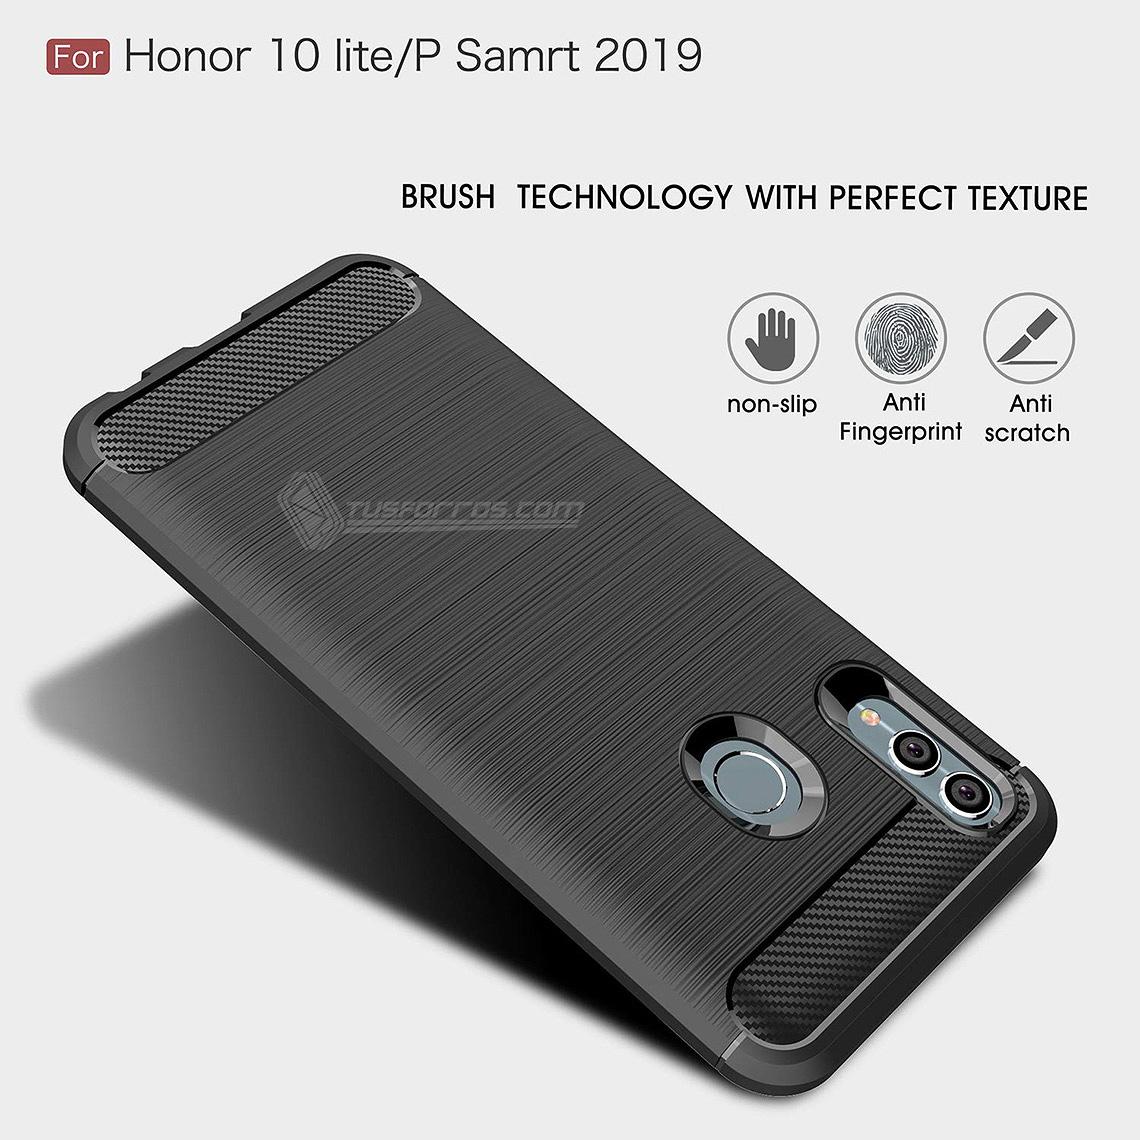 Huawei P smart 2019 Forro Fibra De Carbono Anti-Shock Máxima Protección